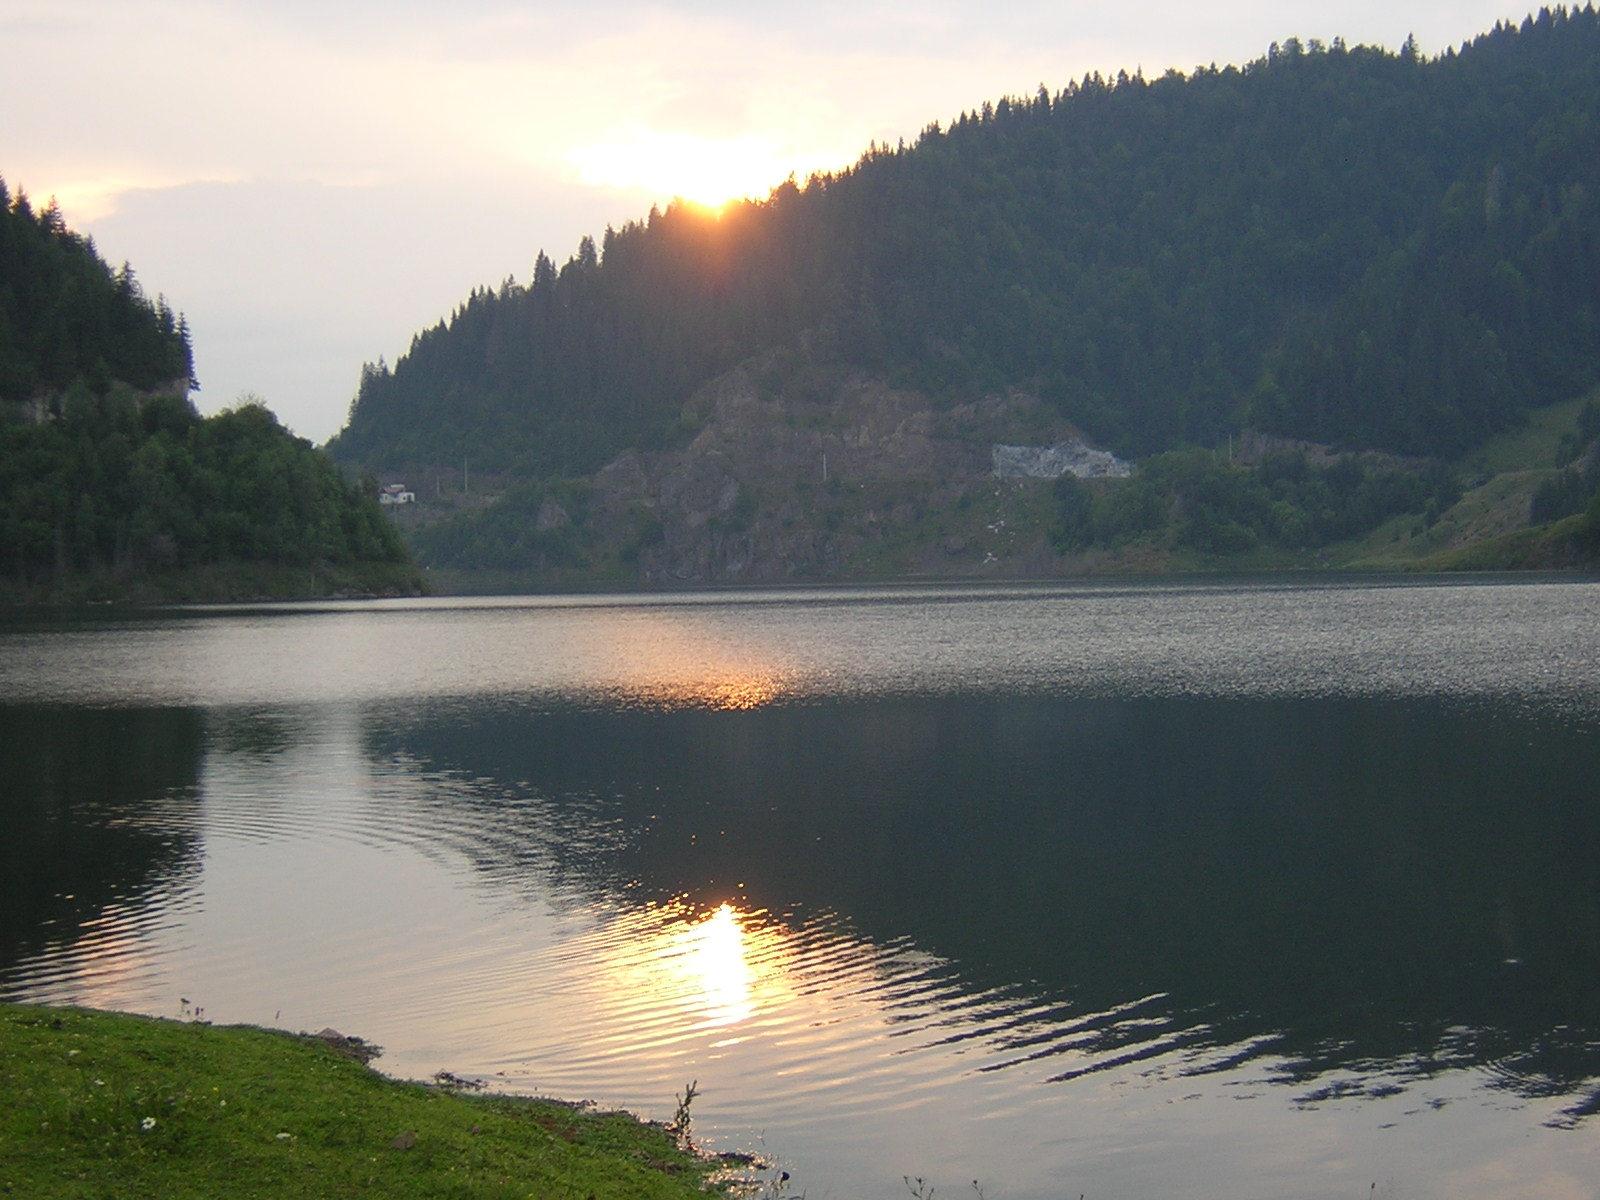 Administrația Bazinală de Apă Someș-Tisa anunță: Lacul Colibița nu va fi golit!